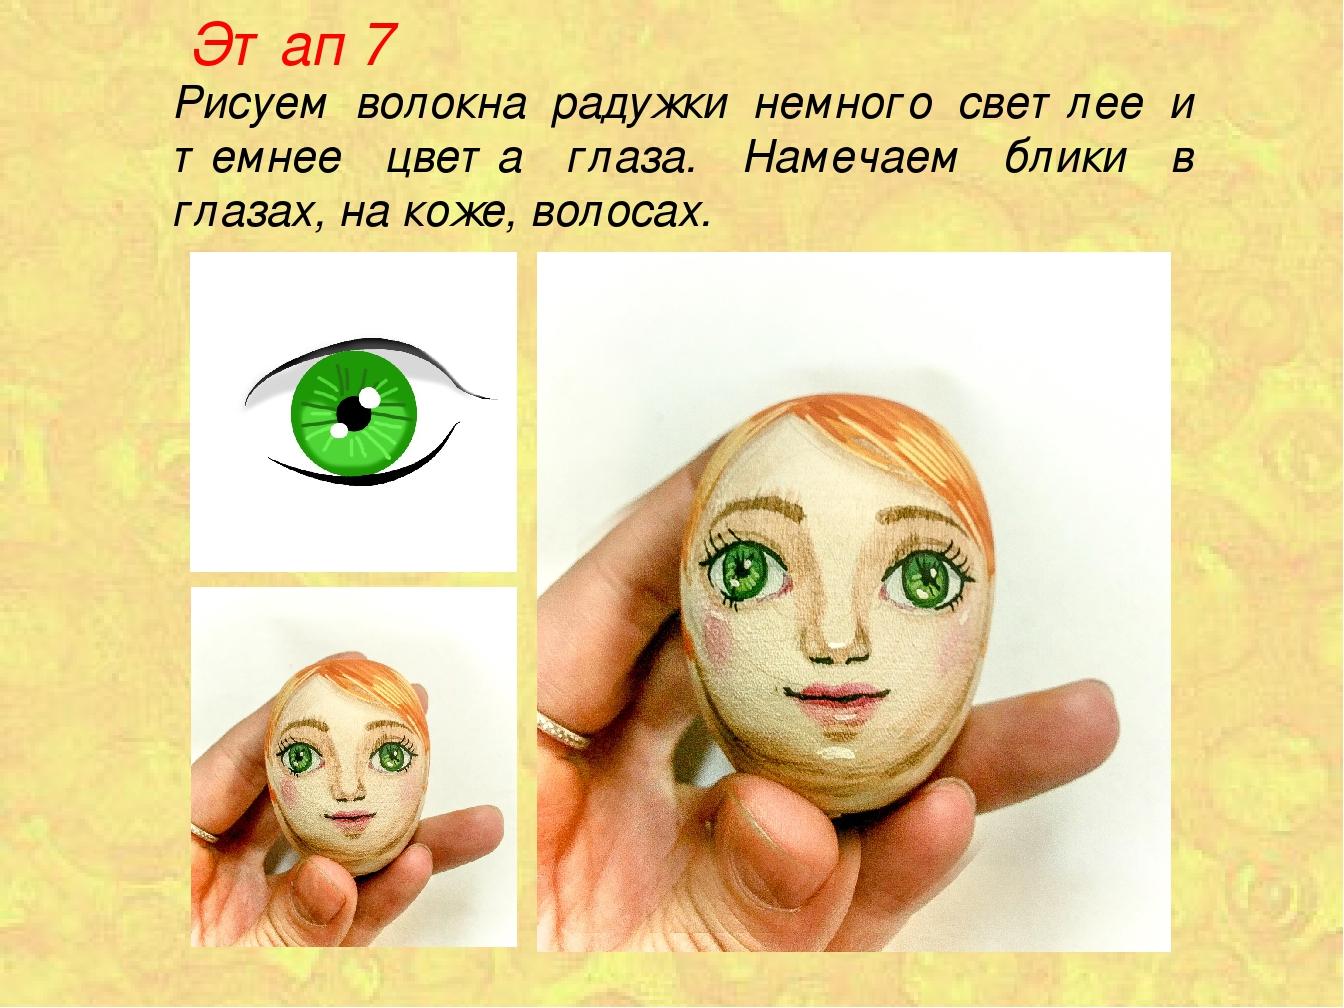 Этап 7 Рисуем волокна радужки немного светлее и темнее цвета глаза. Намечаем...